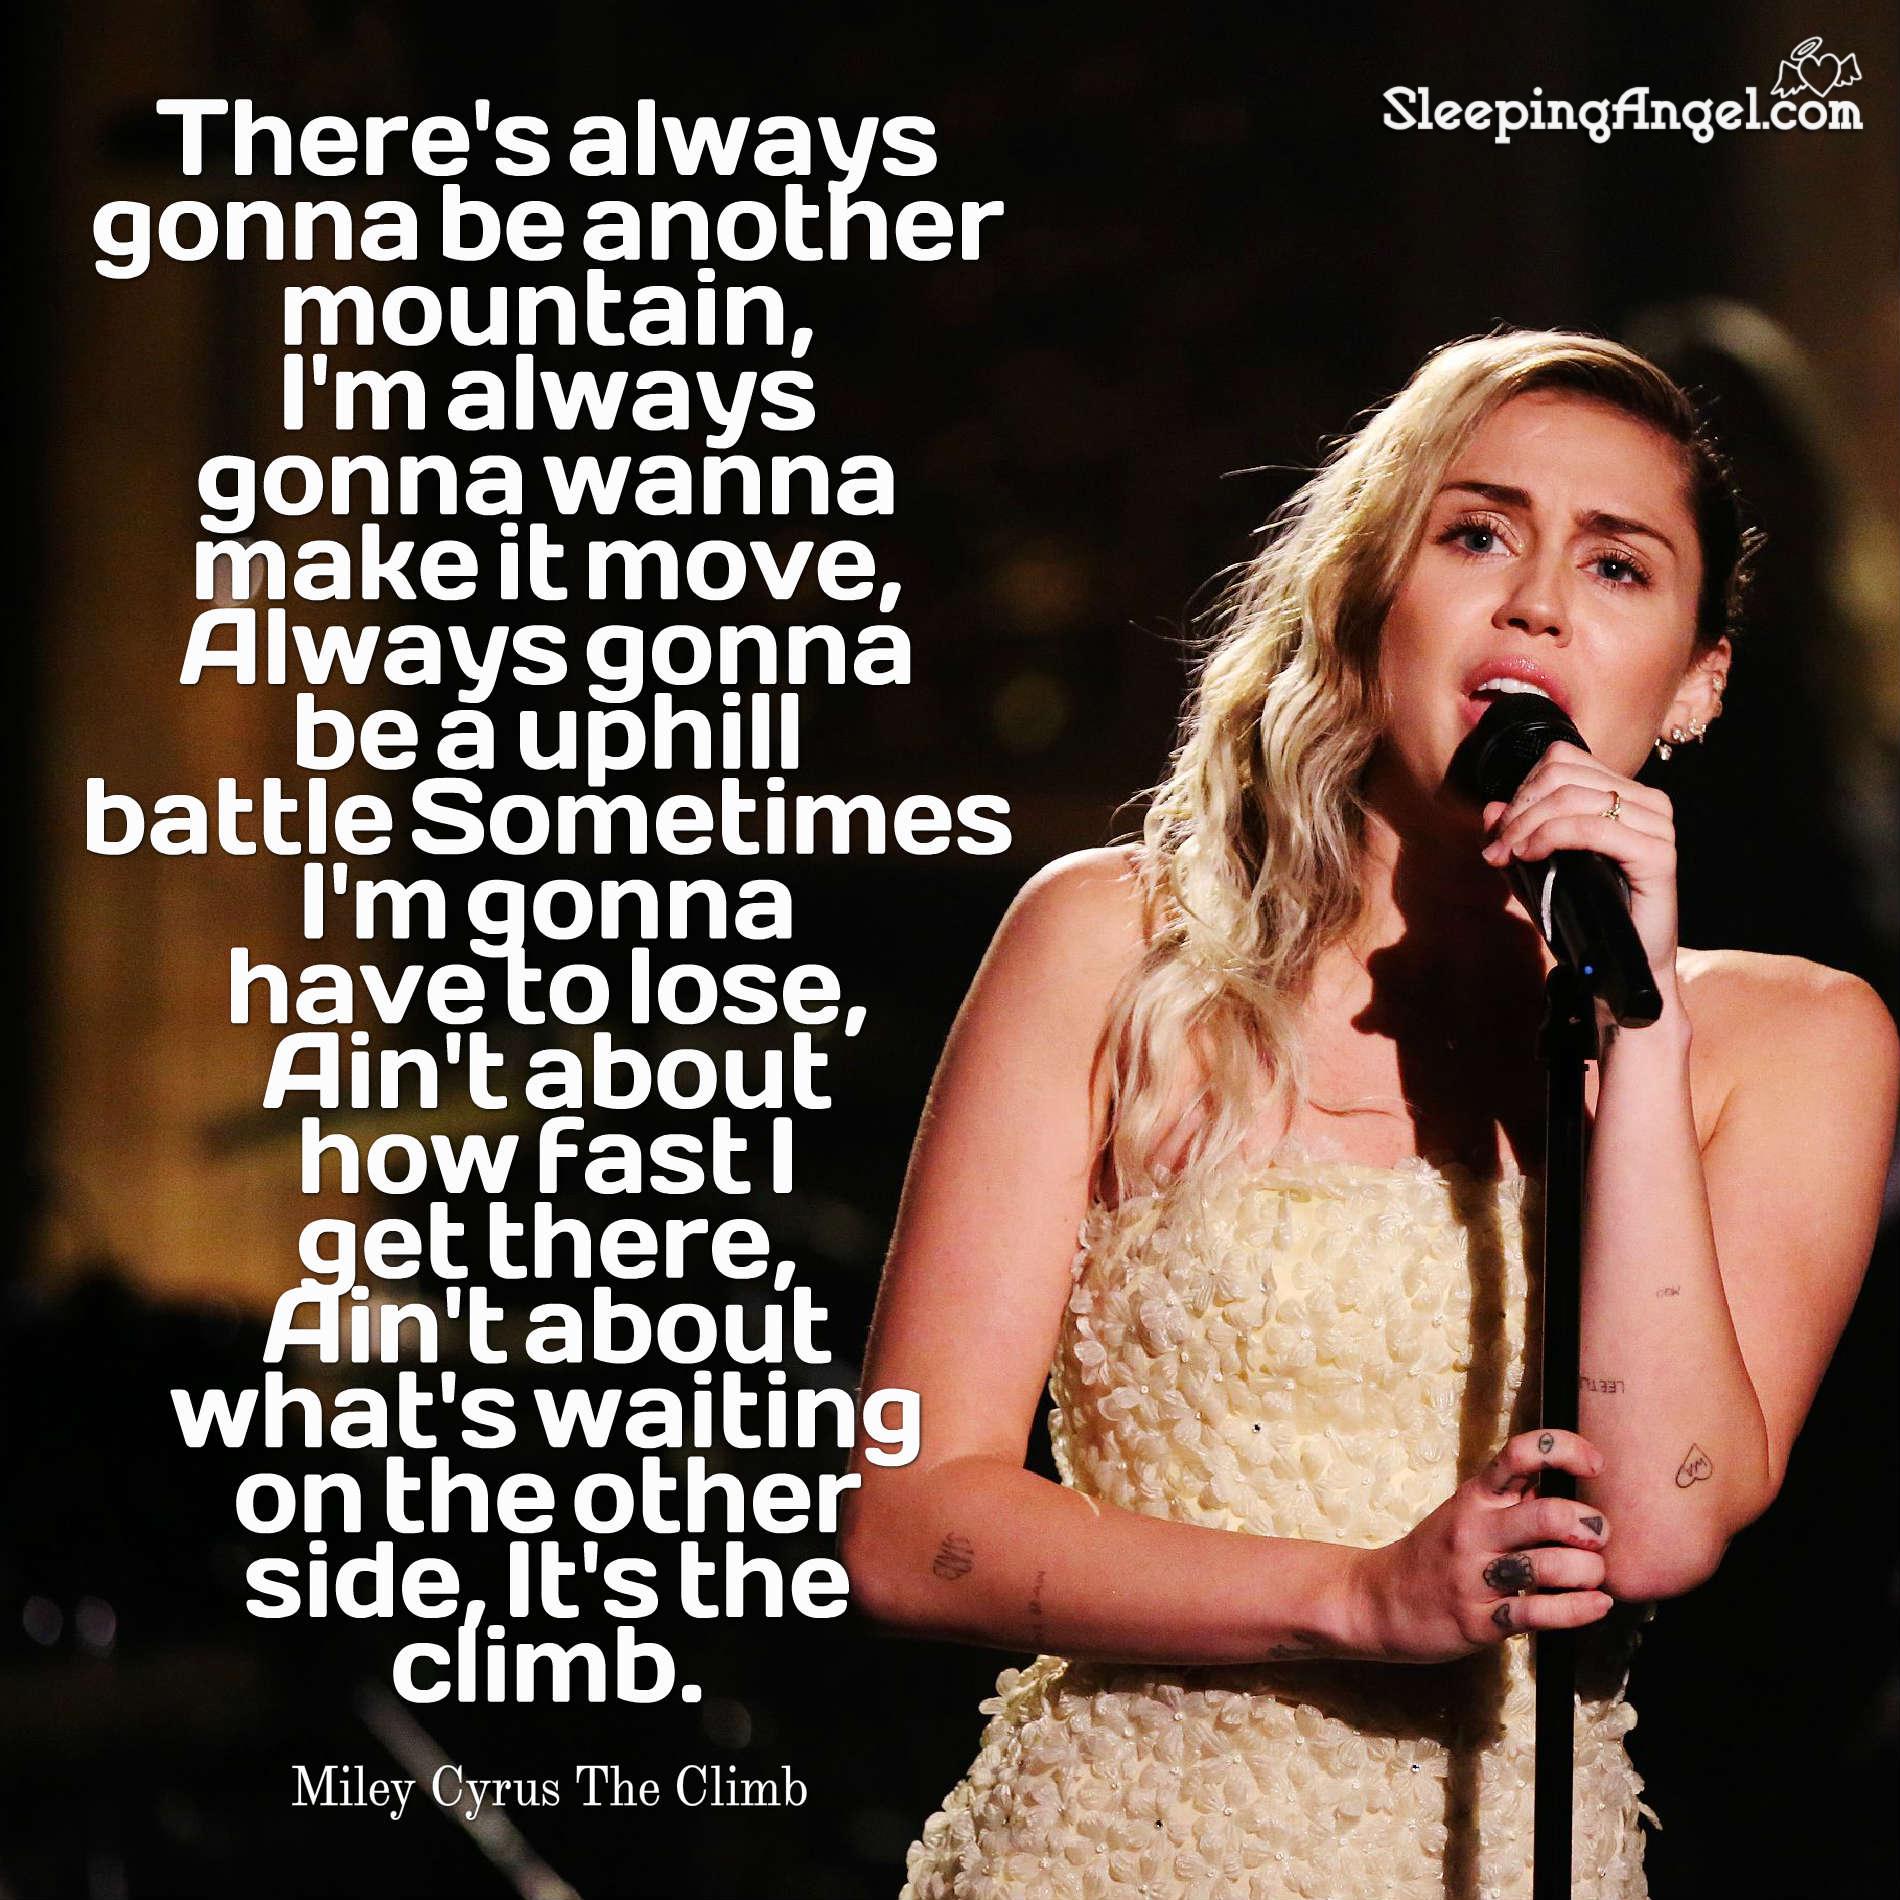 The Climb Quote